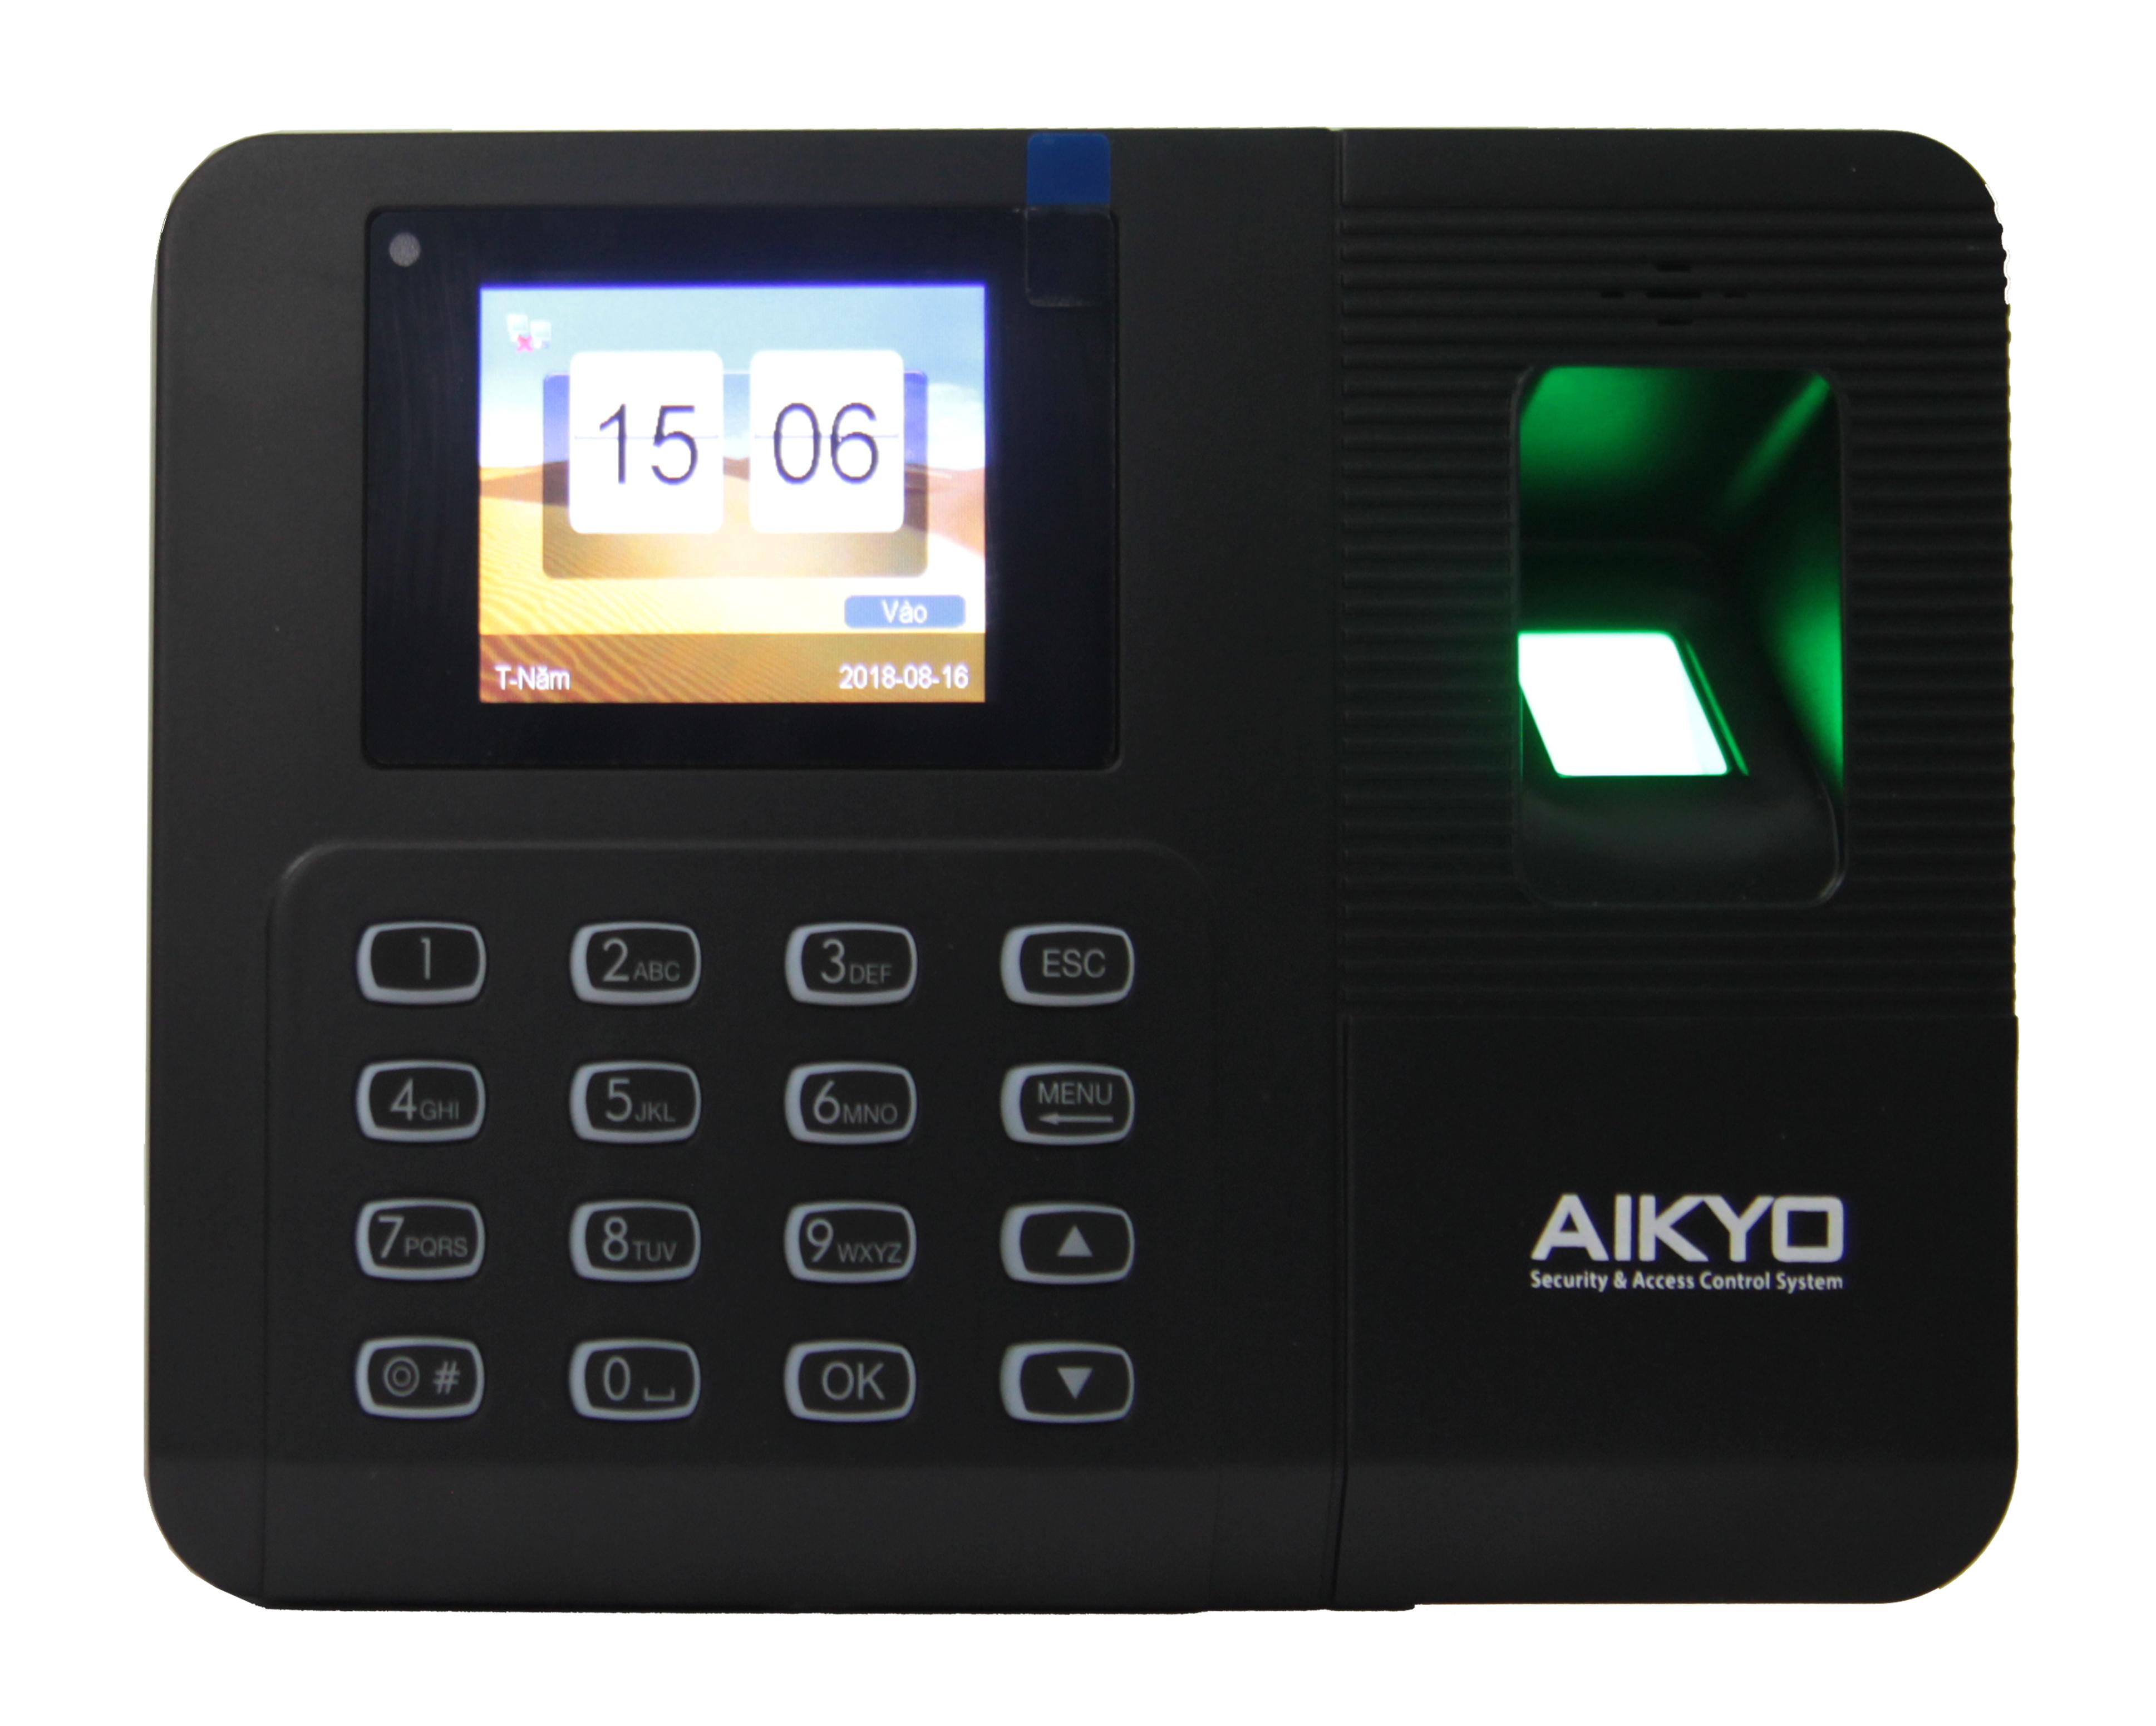 Aikyo X958C